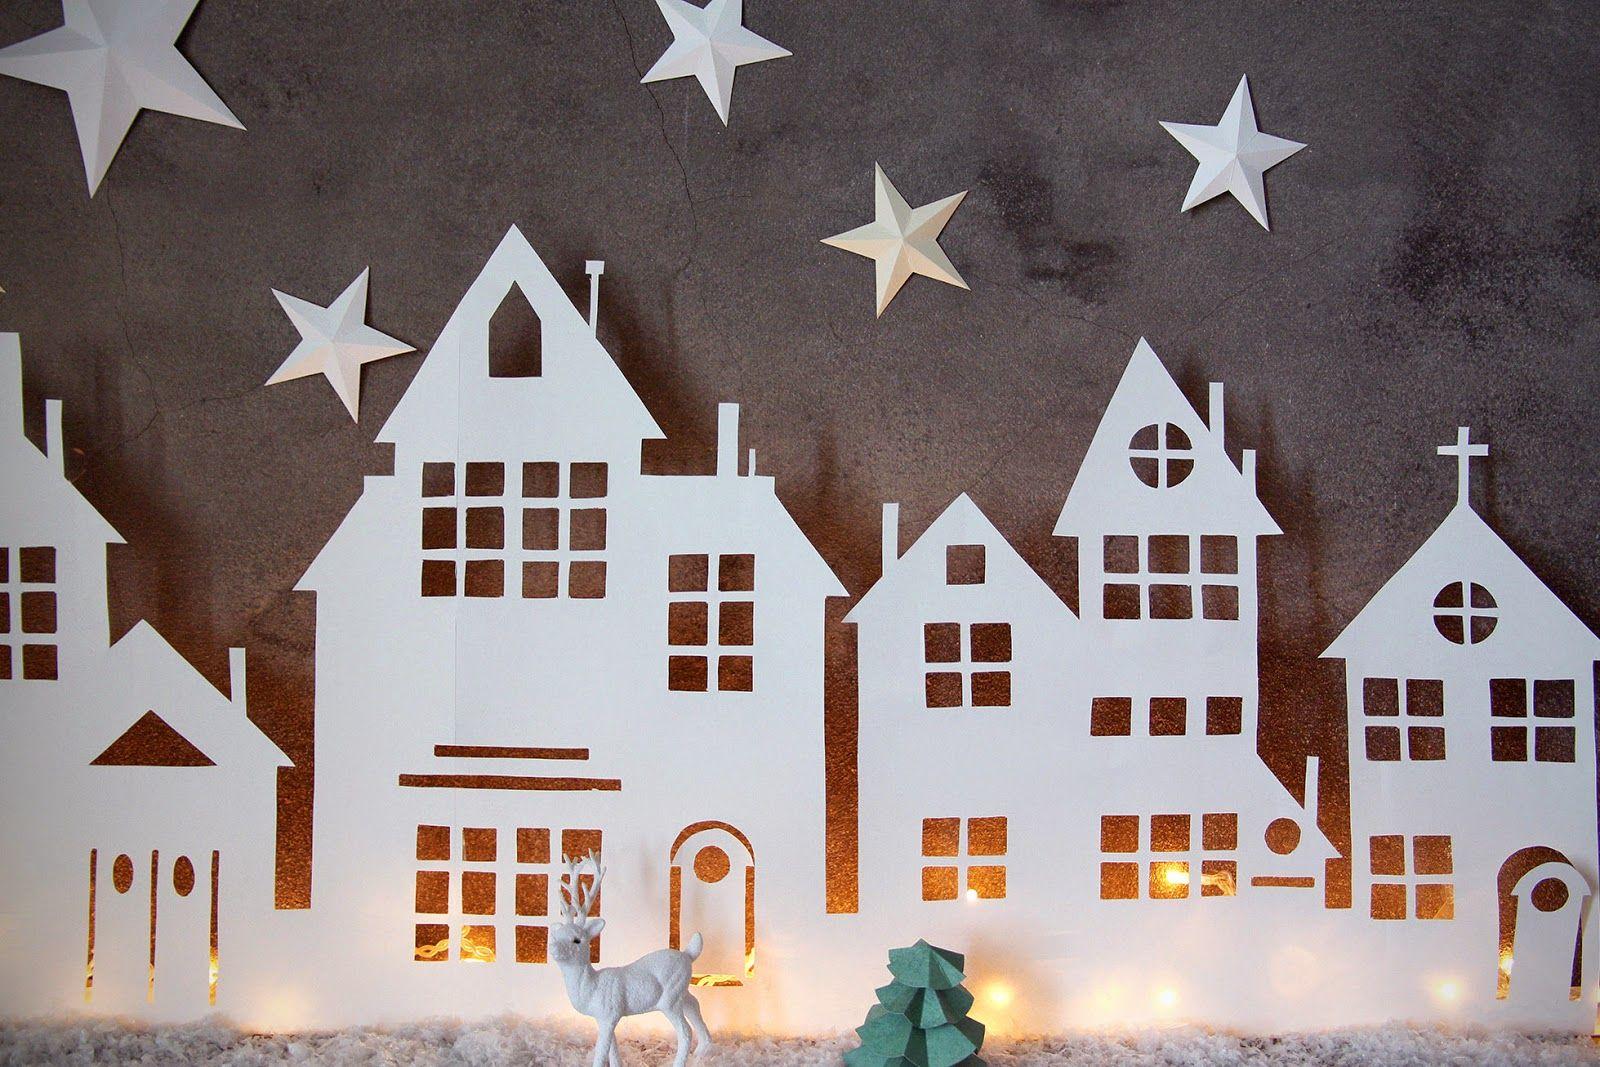 Aux petites merveilles diy village lumineux de no l for Decoration fenetre noel blanc